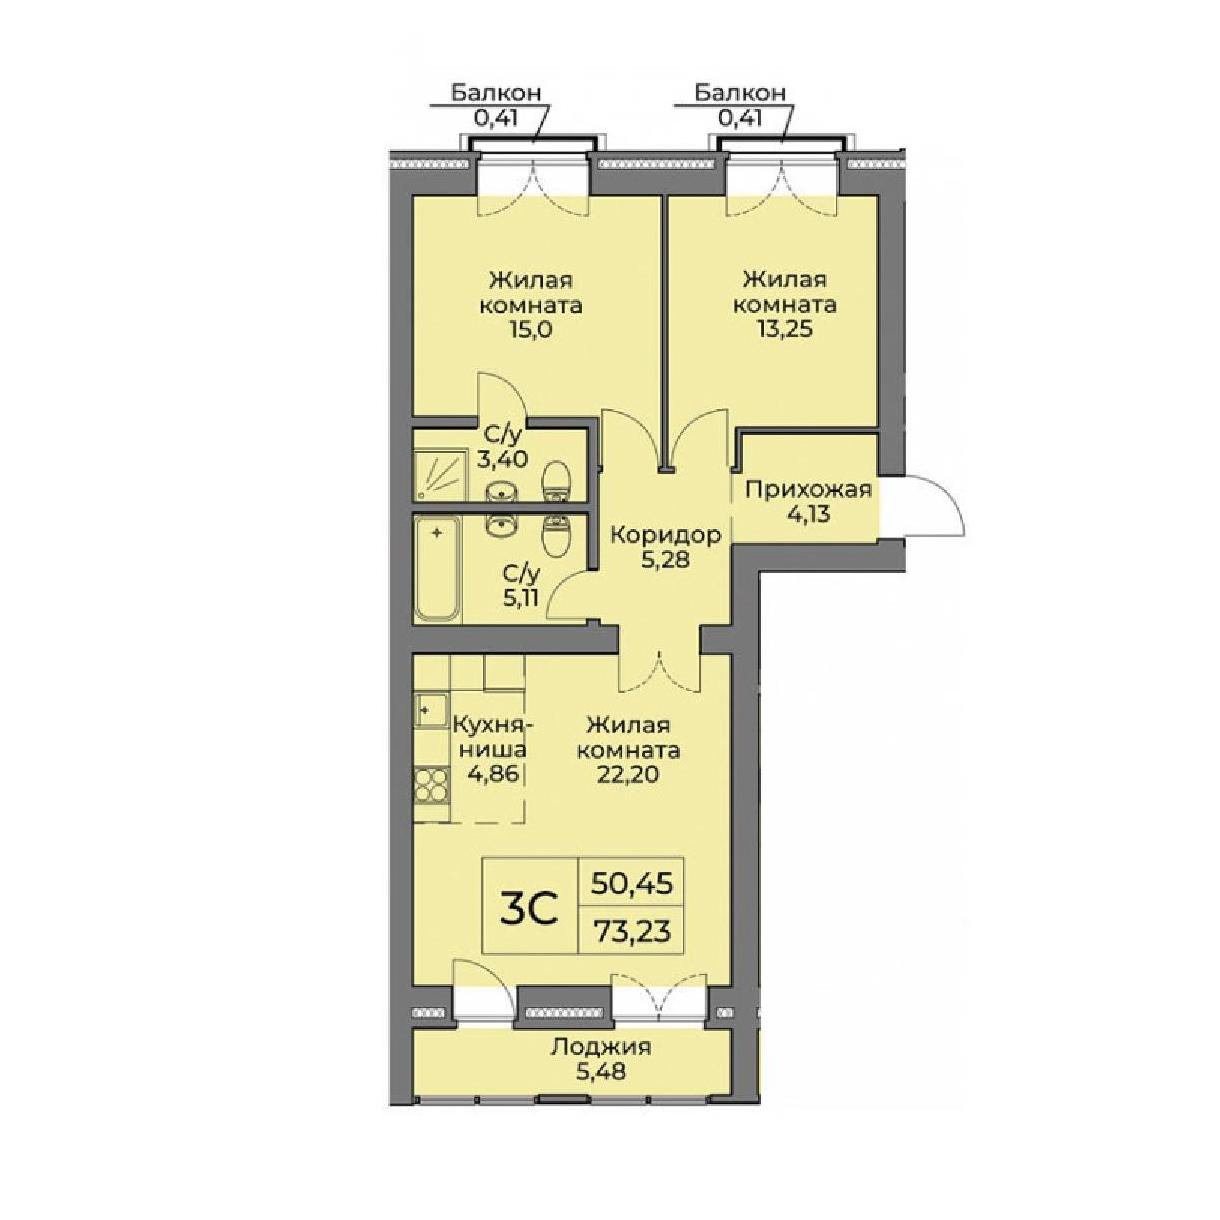 Топ-10 неудачных планировок квартир в новостройках - фото 4